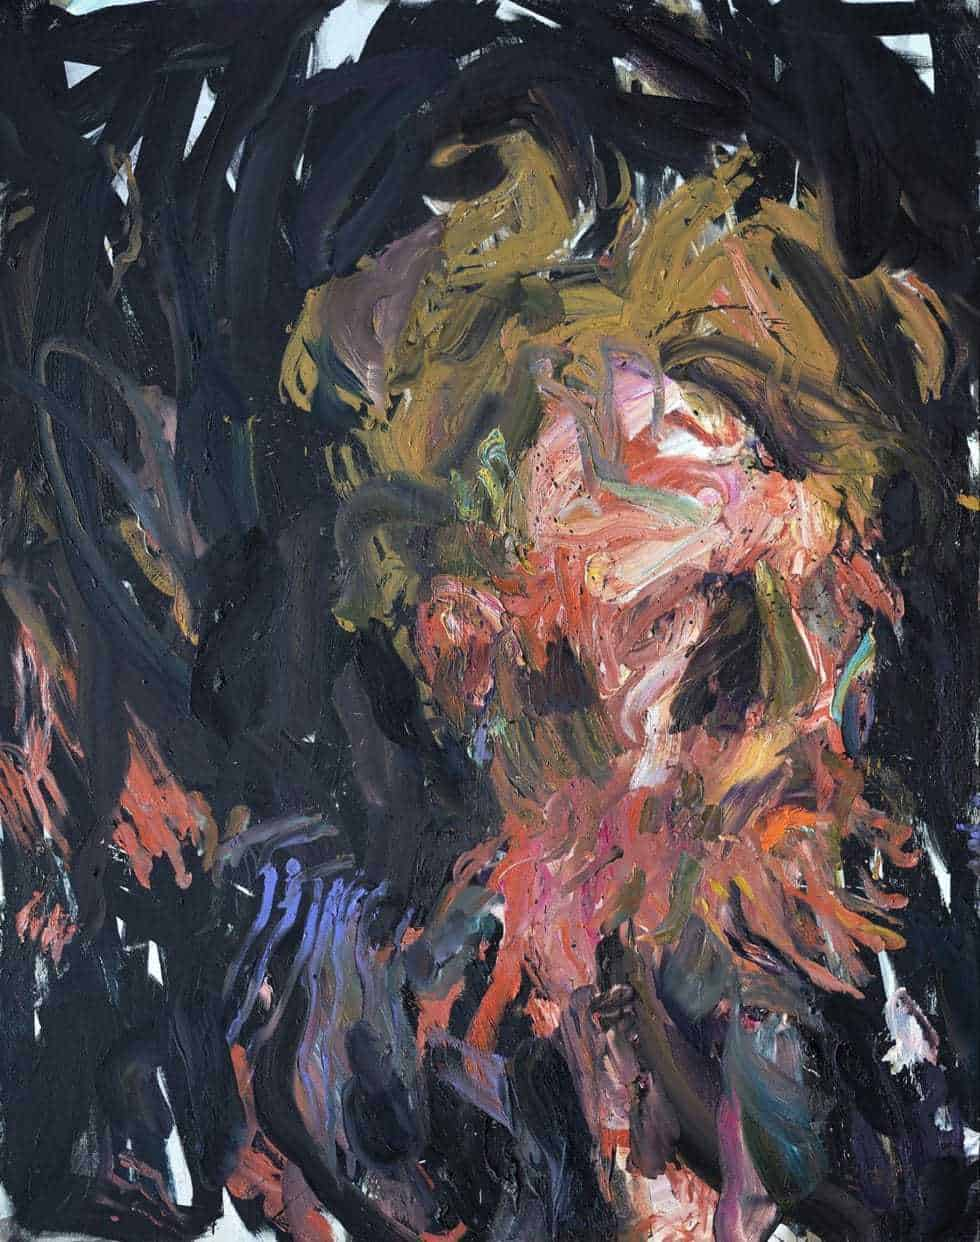 Gaël Davrinche O homem das mil caras Artes & contextos gael davrinche 11 980x1242 1